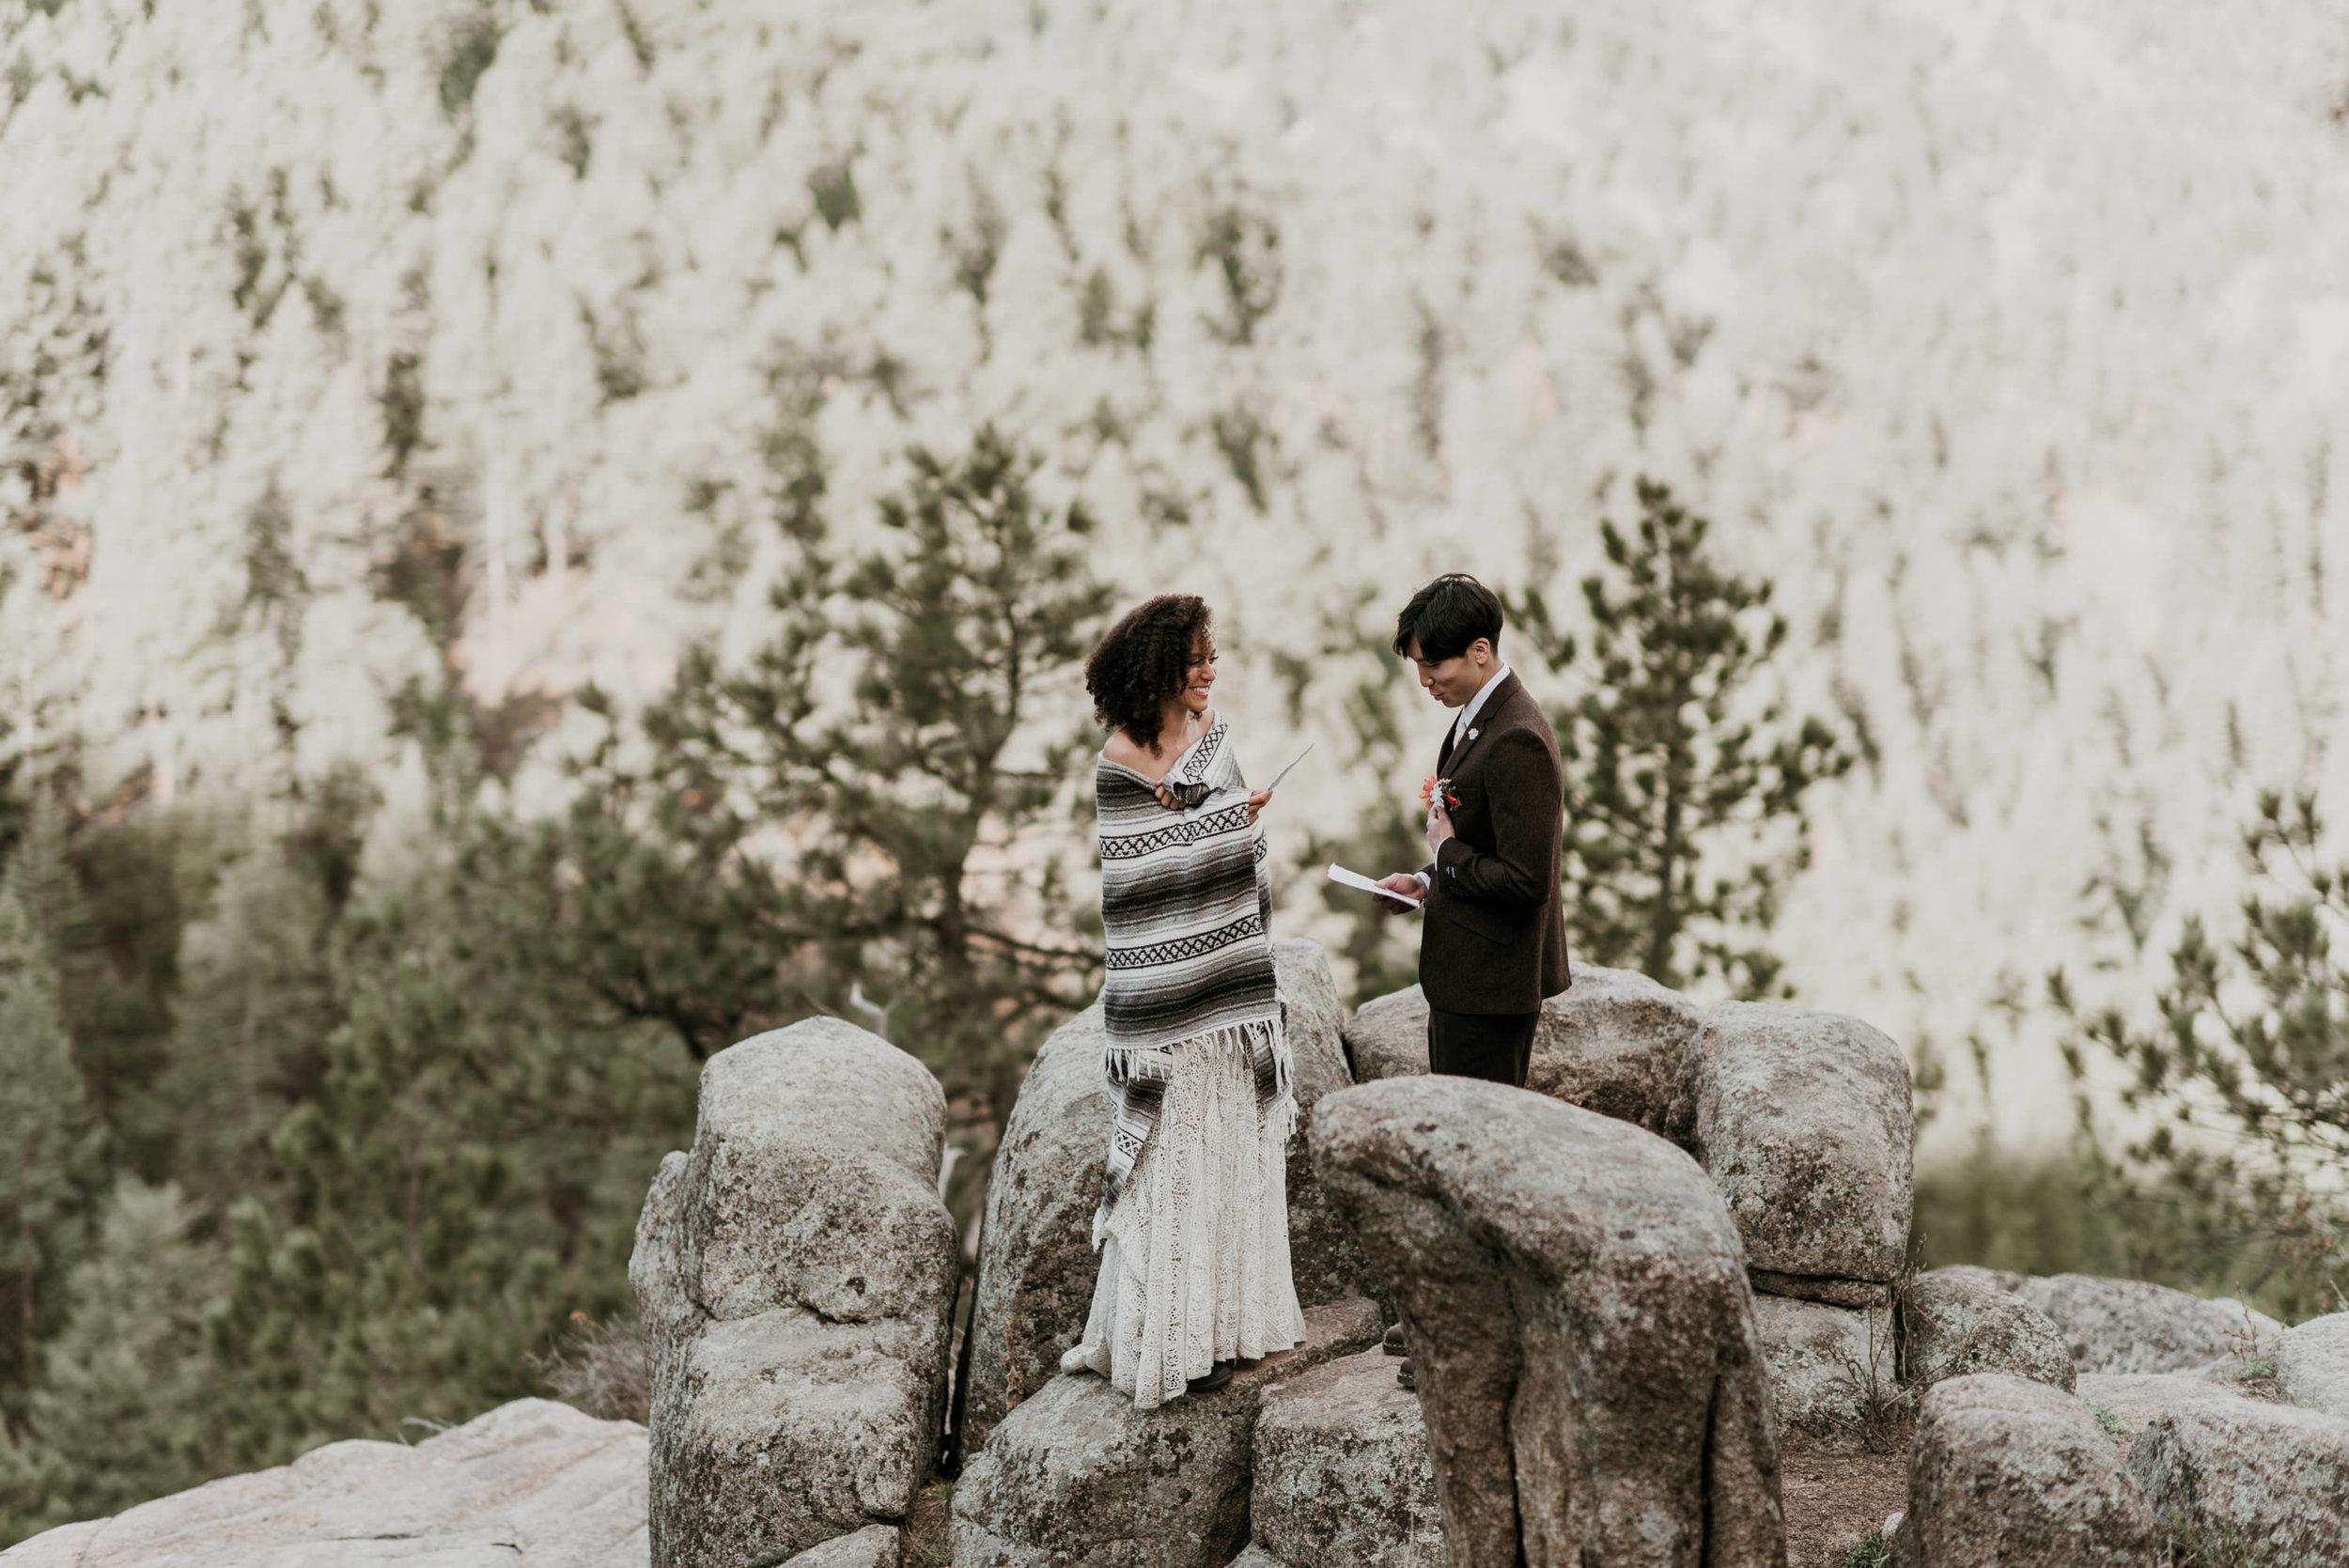 Reading vows during a colorado mountain elopement.